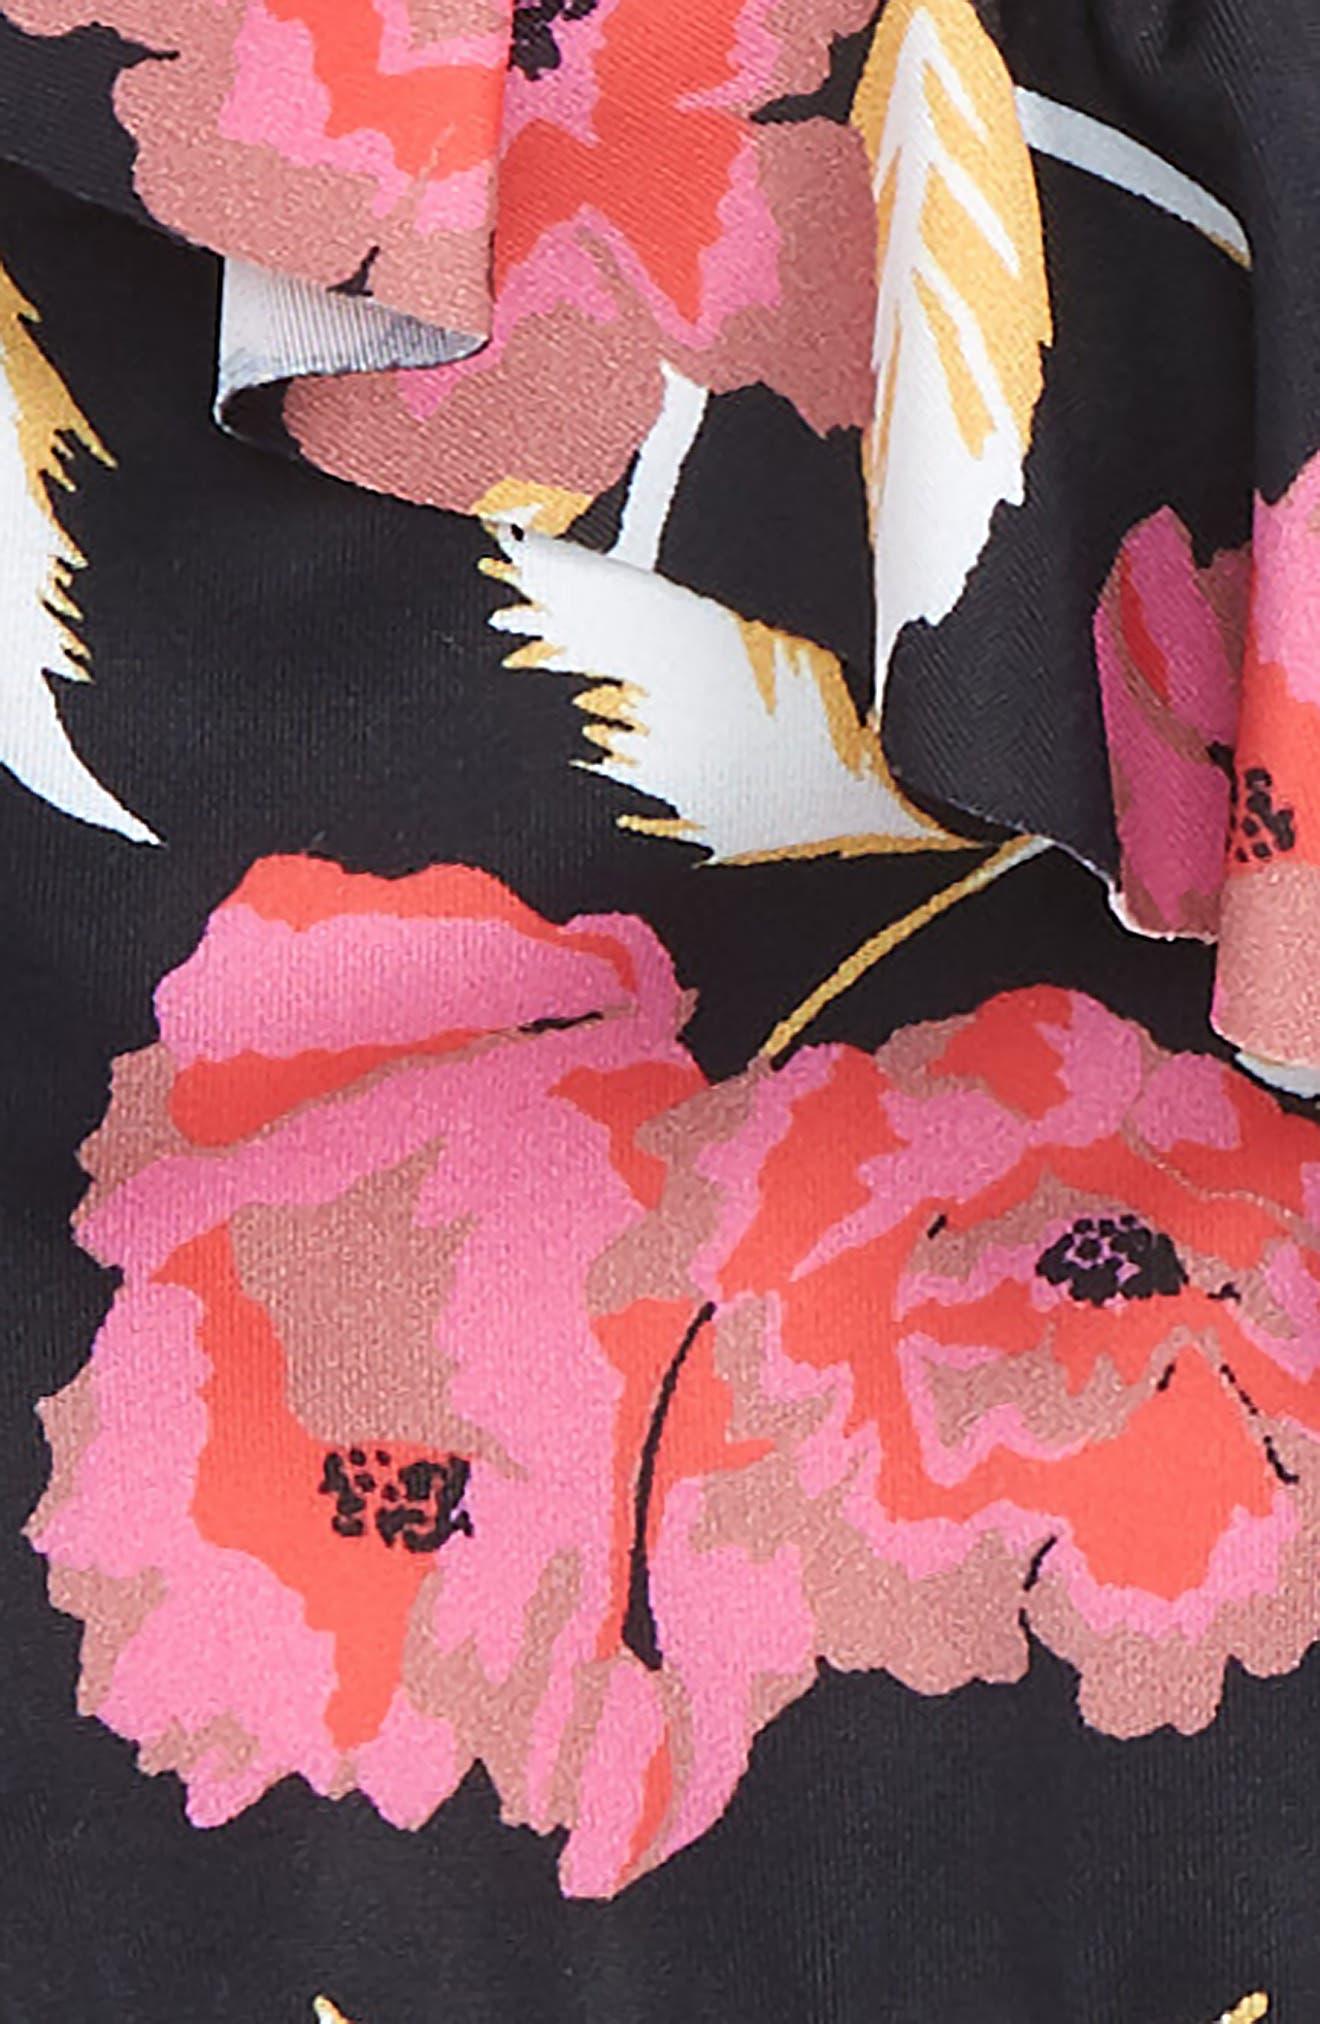 Floral Dawn Two-Piece Swimsuit,                             Alternate thumbnail 2, color,                             BLACK PEBBLE